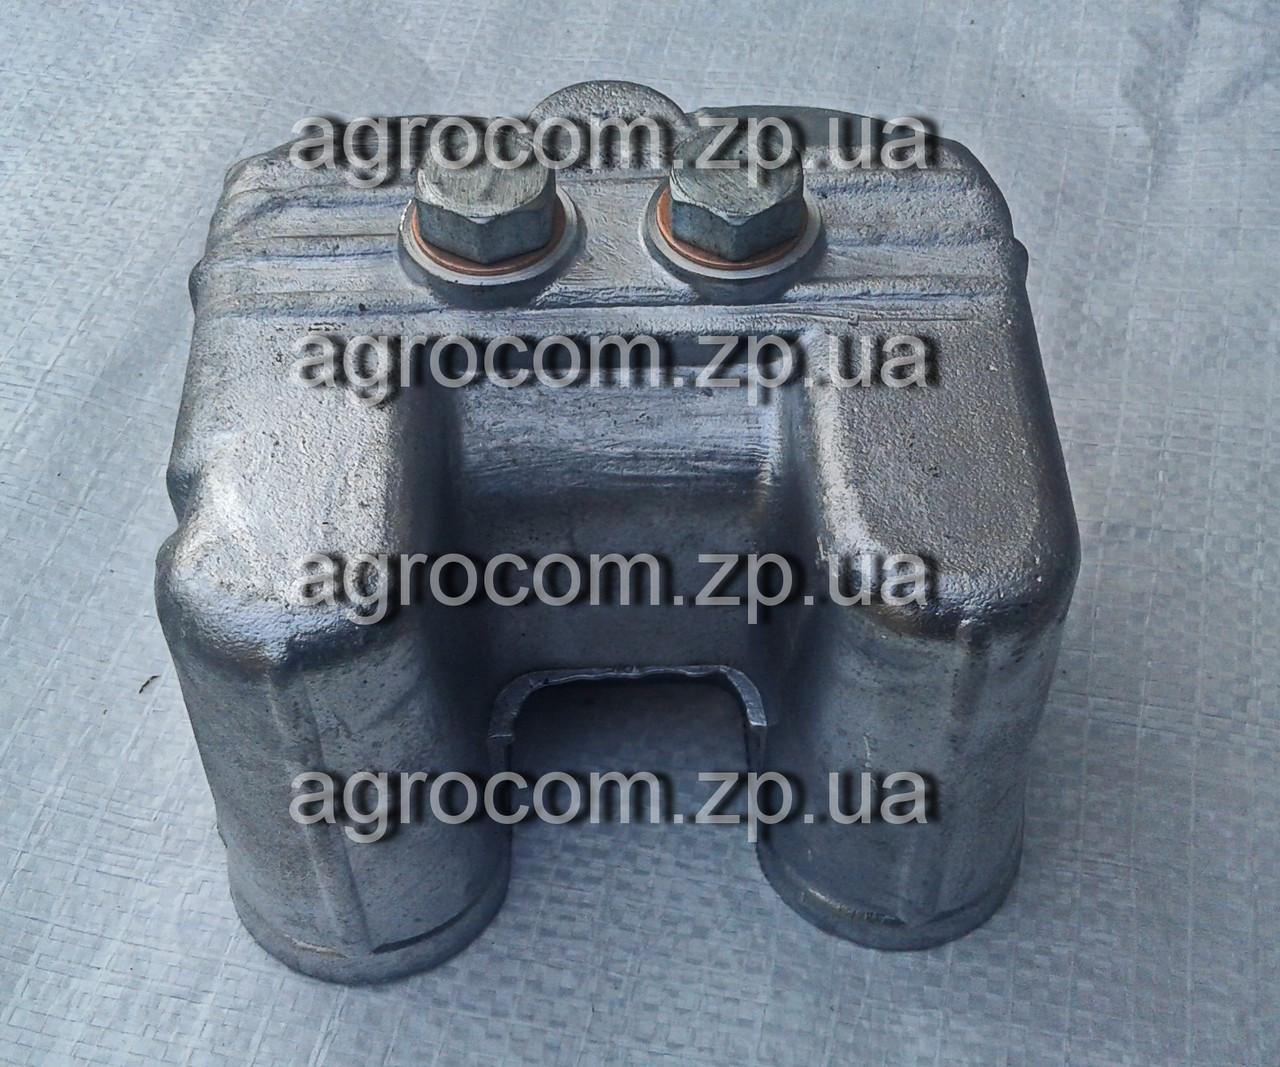 Клапанная крышка Т-25, Т-16, Д-21